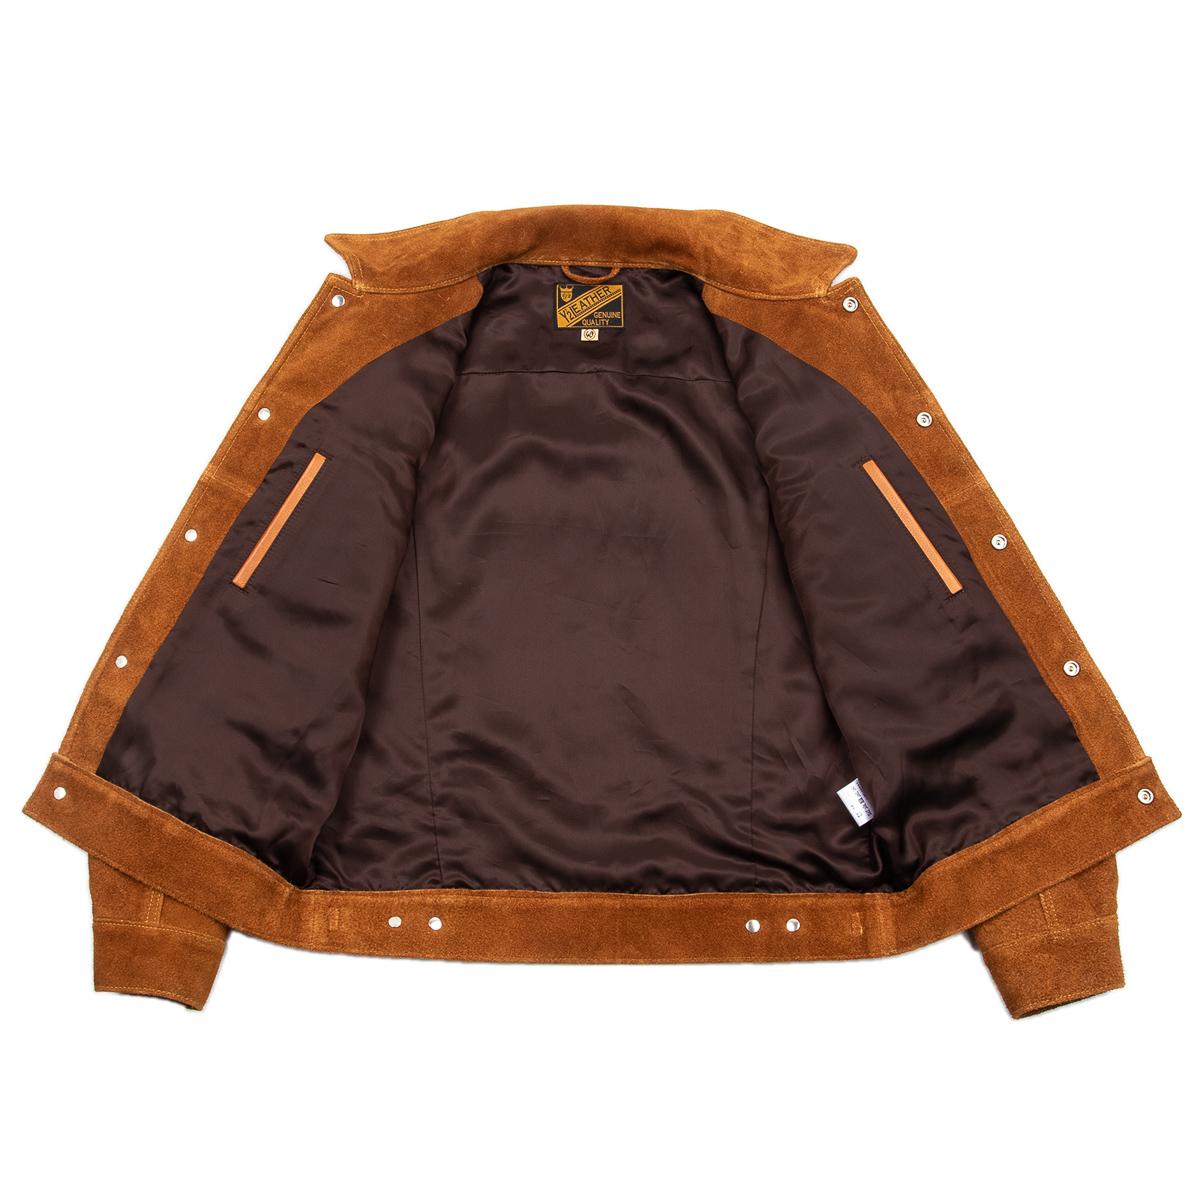 Y'2 Leather - Steer Suede 3rd Type Jacket (TB-139)-Flat-09.jpg